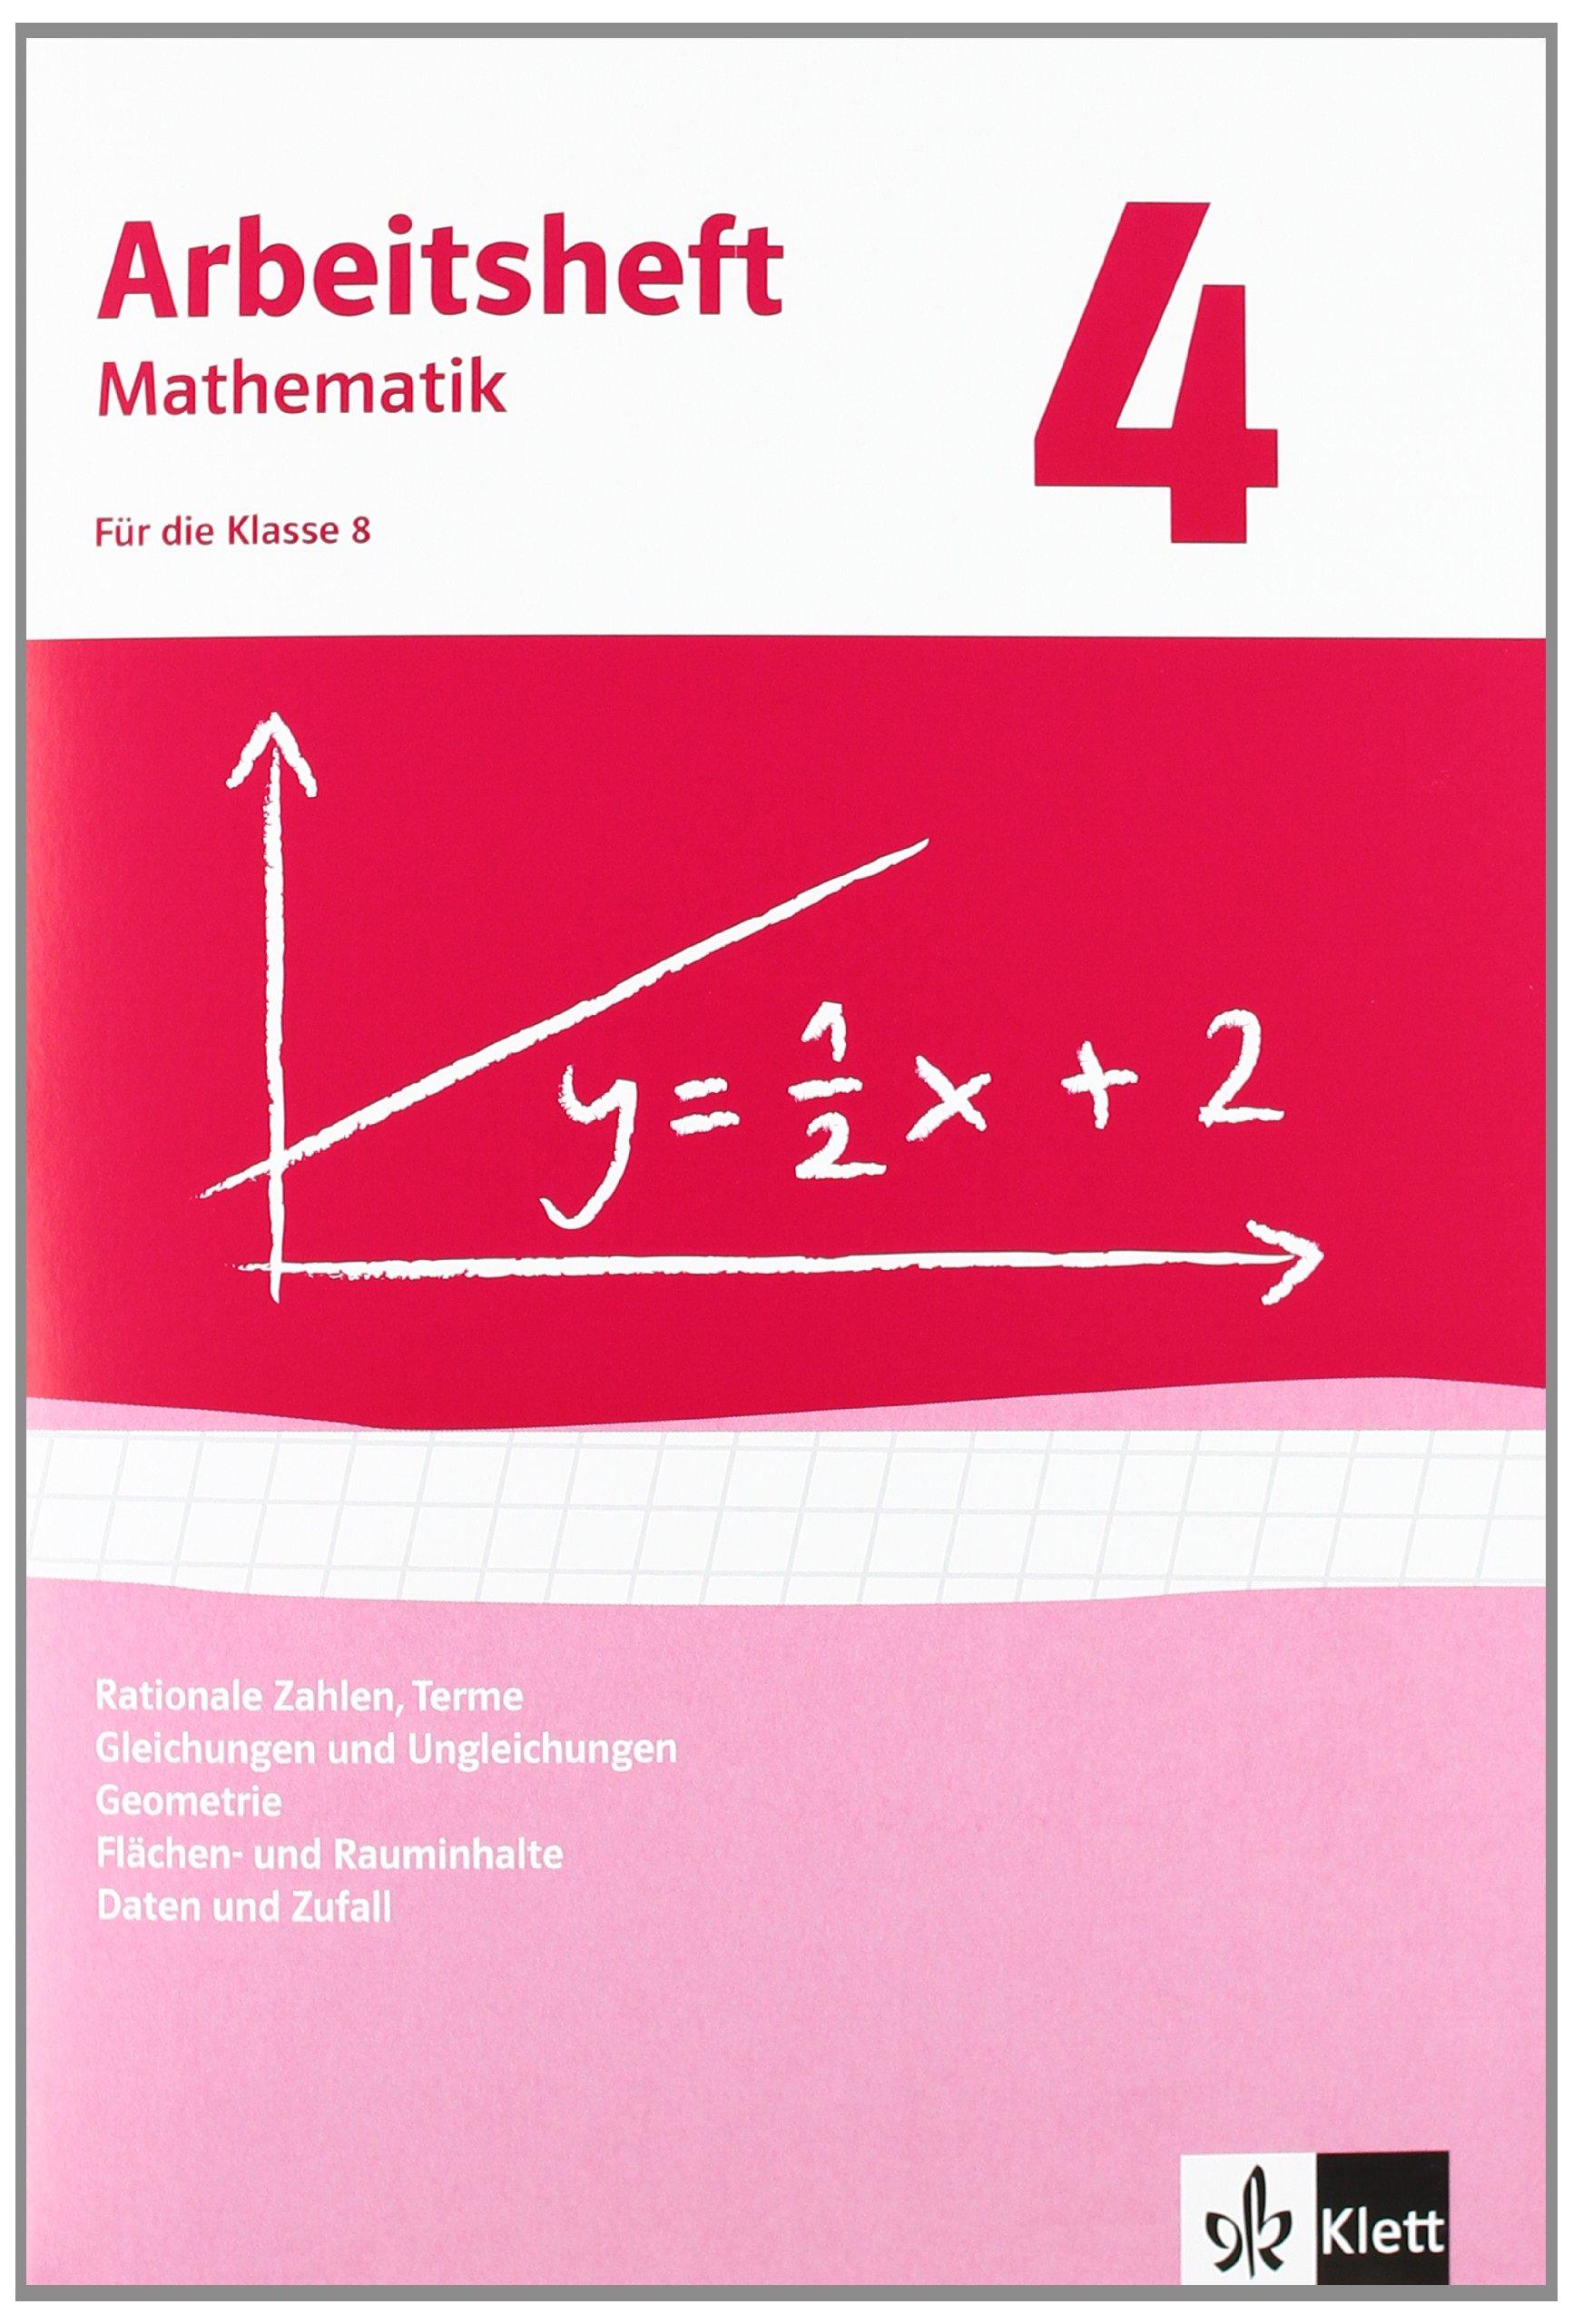 Rationale Zahlen, Terme, Gleichungen/Ungleichungen, Flächen ...